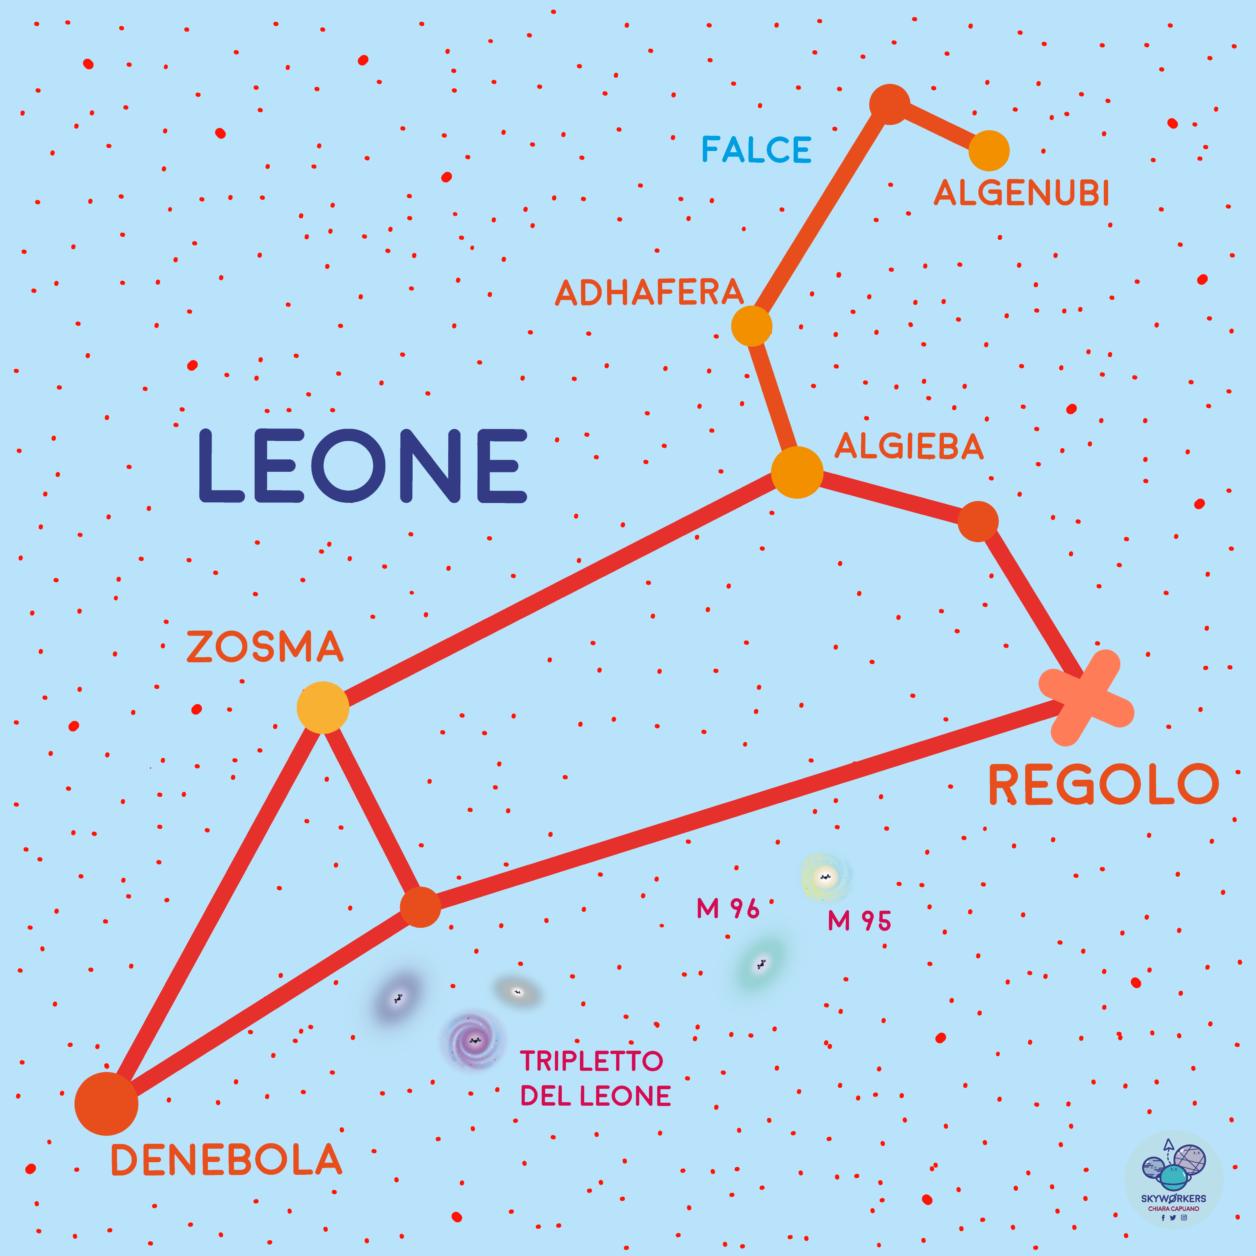 Costellazione del Leone